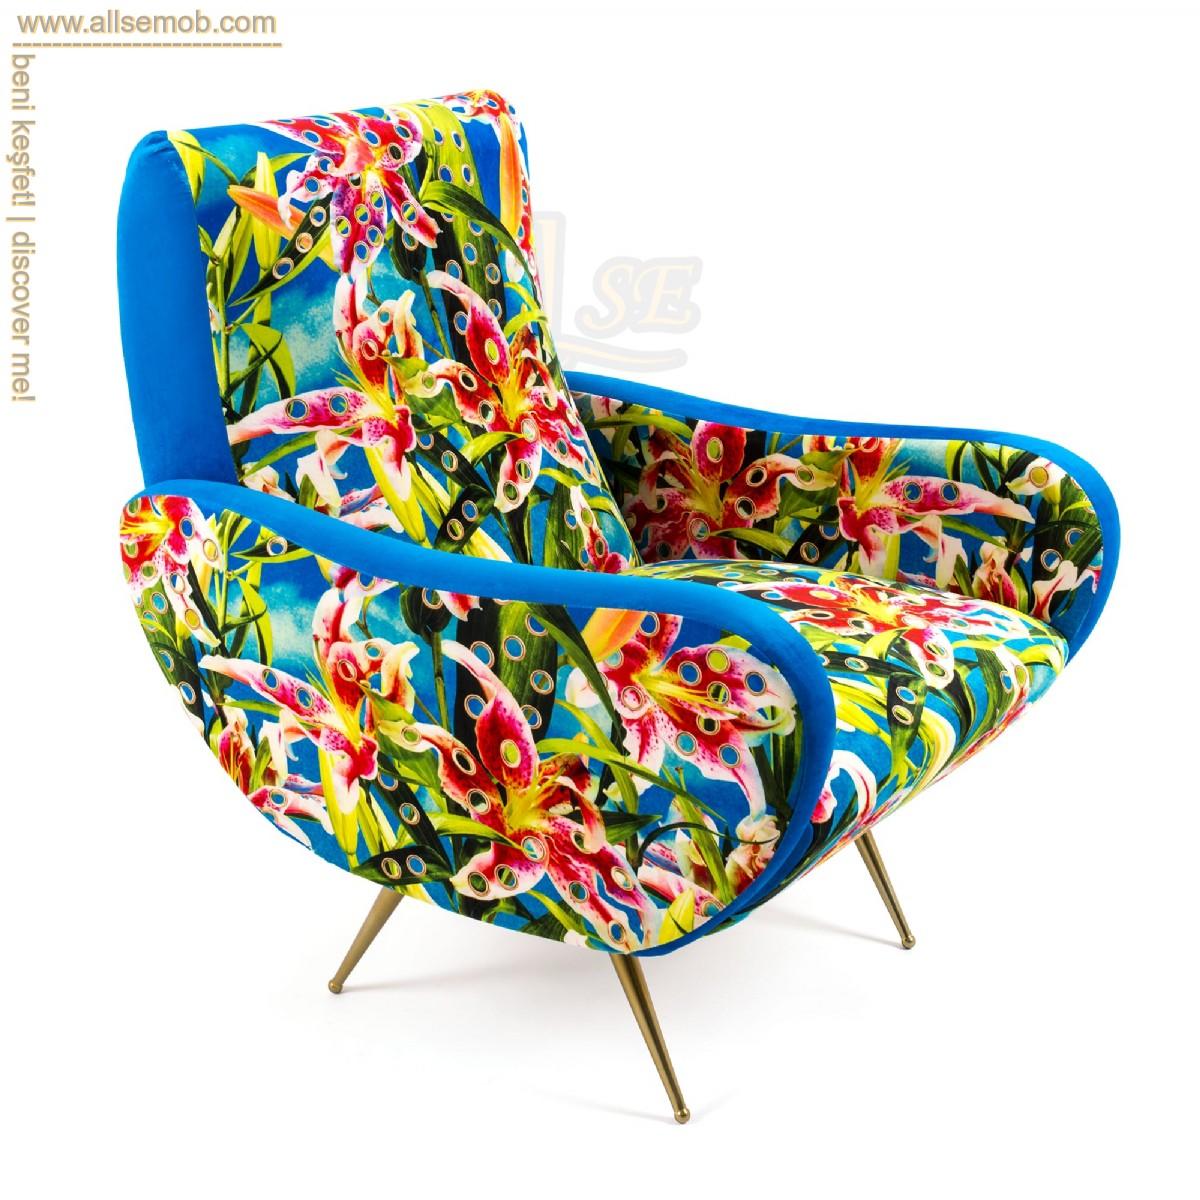 Renkli Desenli Baskılı Berjer Tekli Koltuk Dekoratif Koltuklar